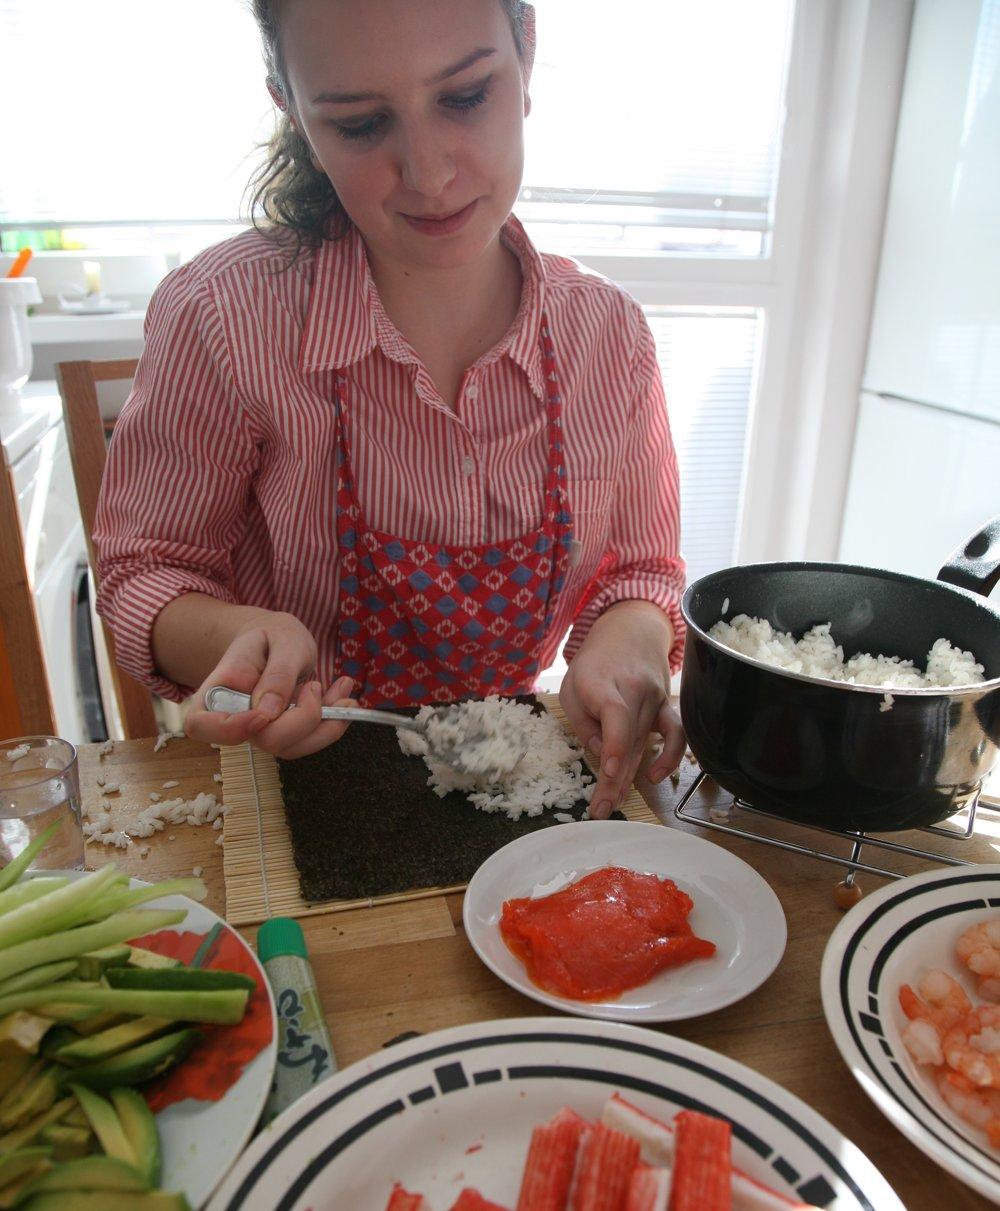 Ak si už raz zoženiete suroviny, môžete ich držať v špajzi. Do prípravy suši sa pustíte, keď budete mať čerstvú surovú rybu, potom vám to už pôjde jedna radosť.